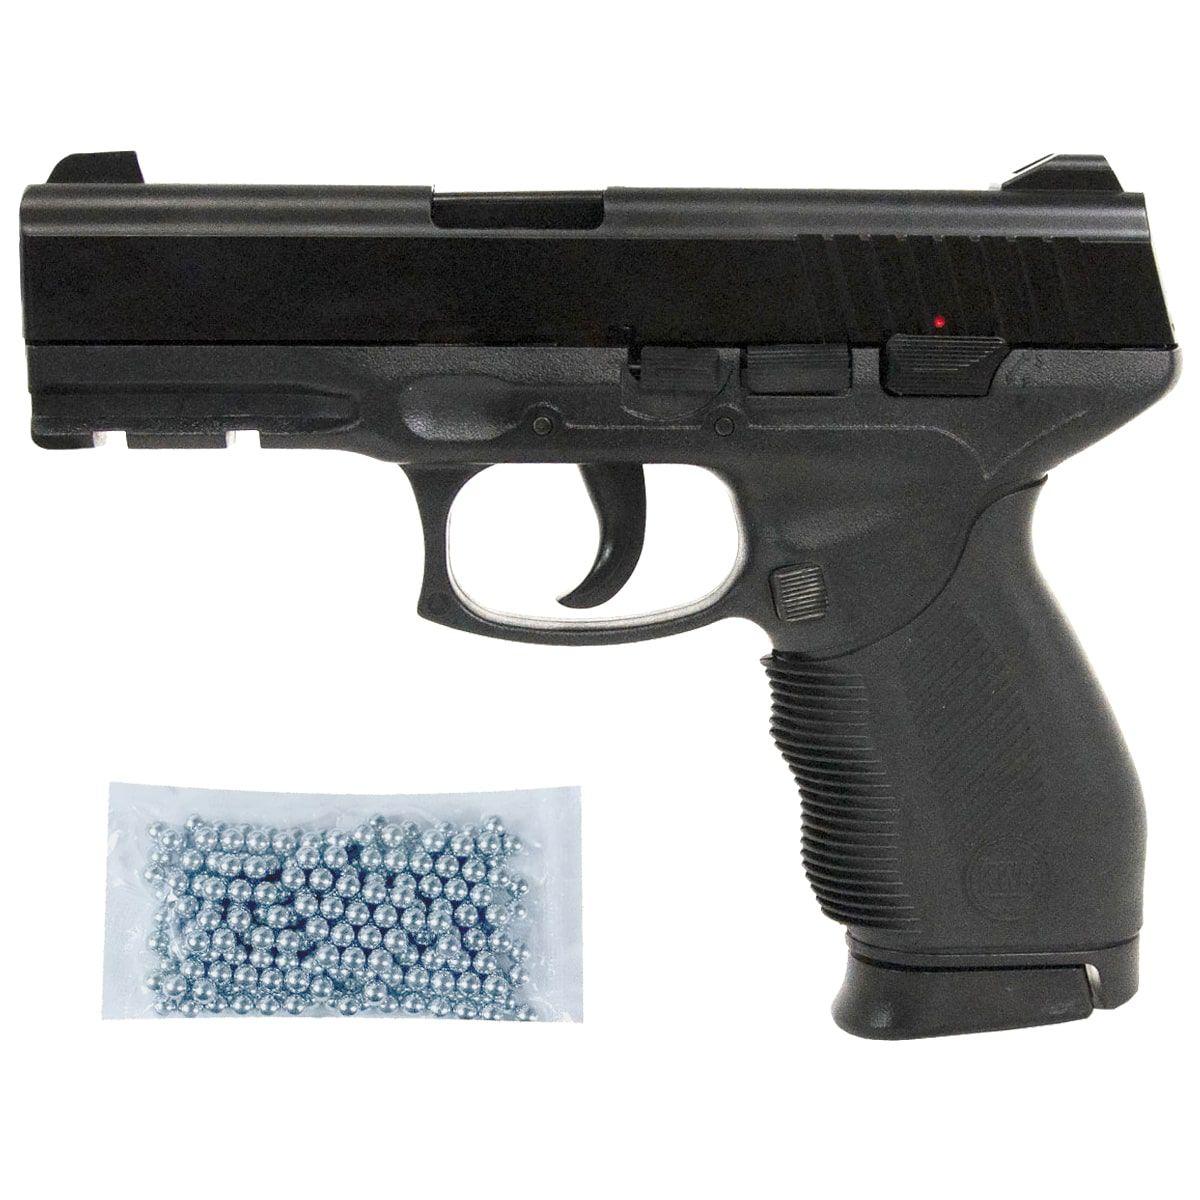 Pistola de Pressão Airgun KWC 24/7 Spring 4,5mm